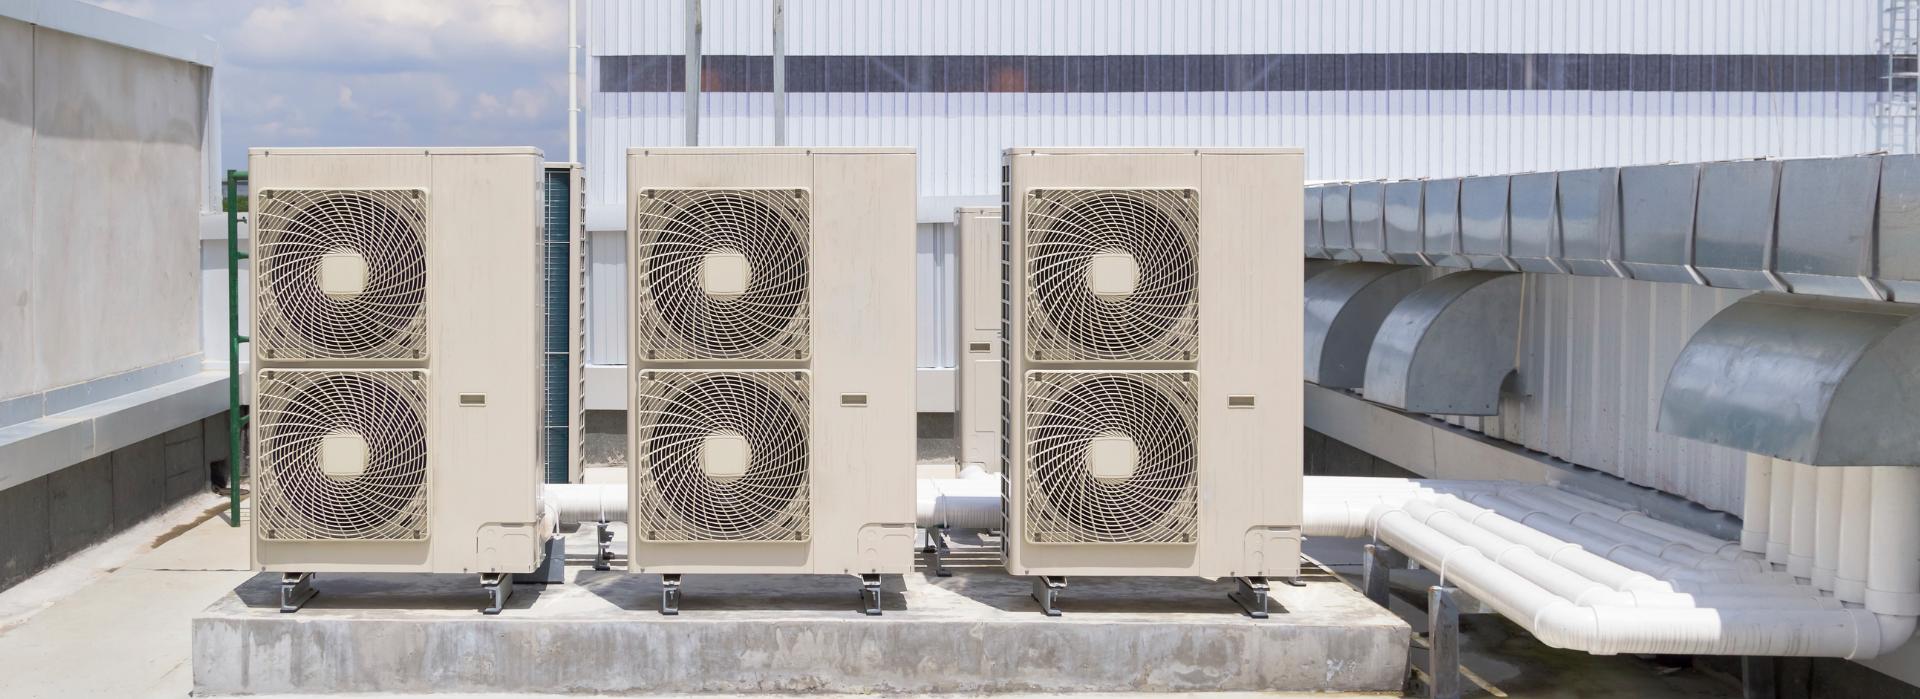 Instalación y mantenimiento de aire acondicionado en Santiago